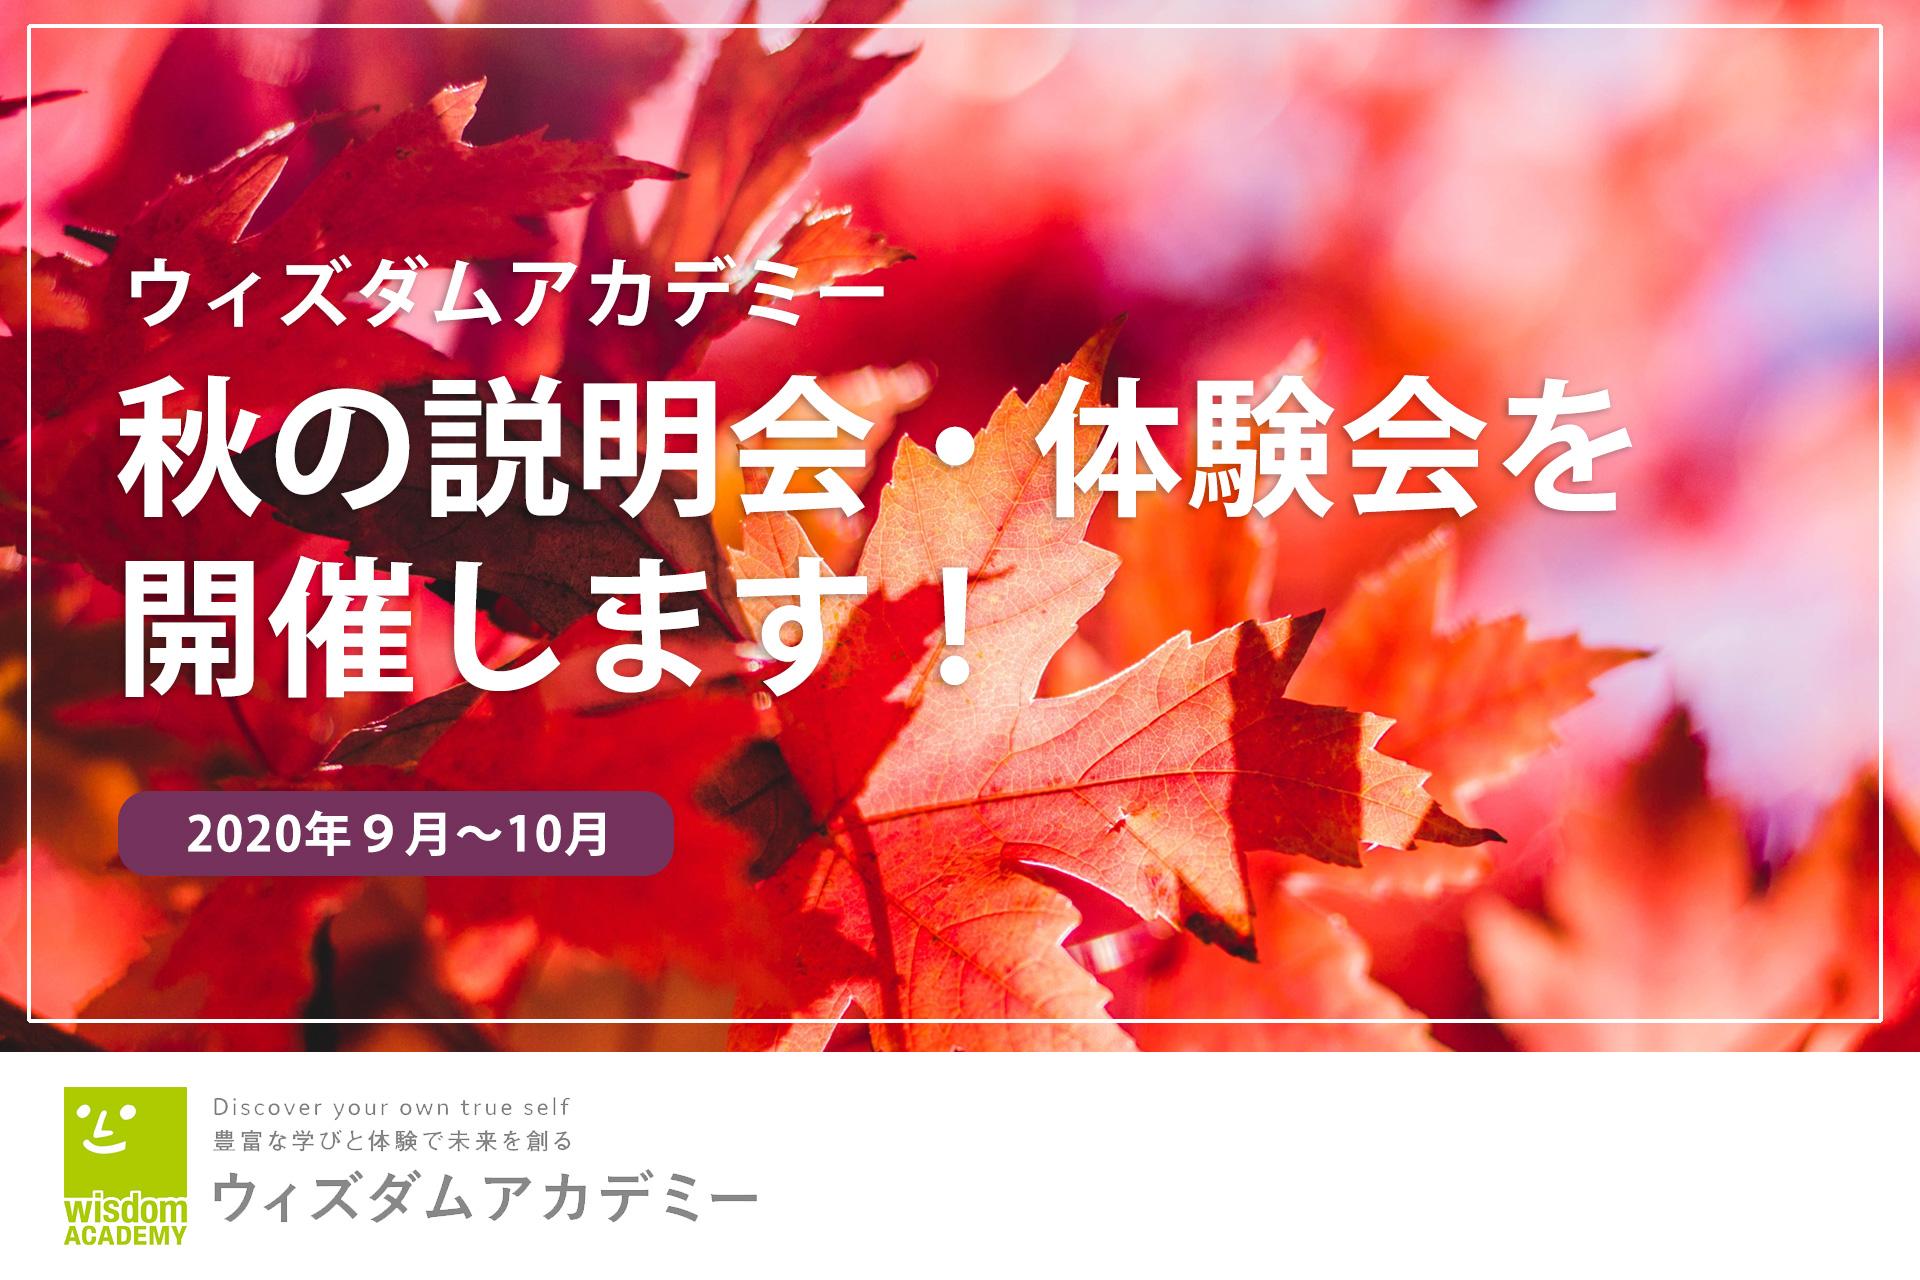 ウィズダムアカデミー秋の説明会・体験会、好評開催中!